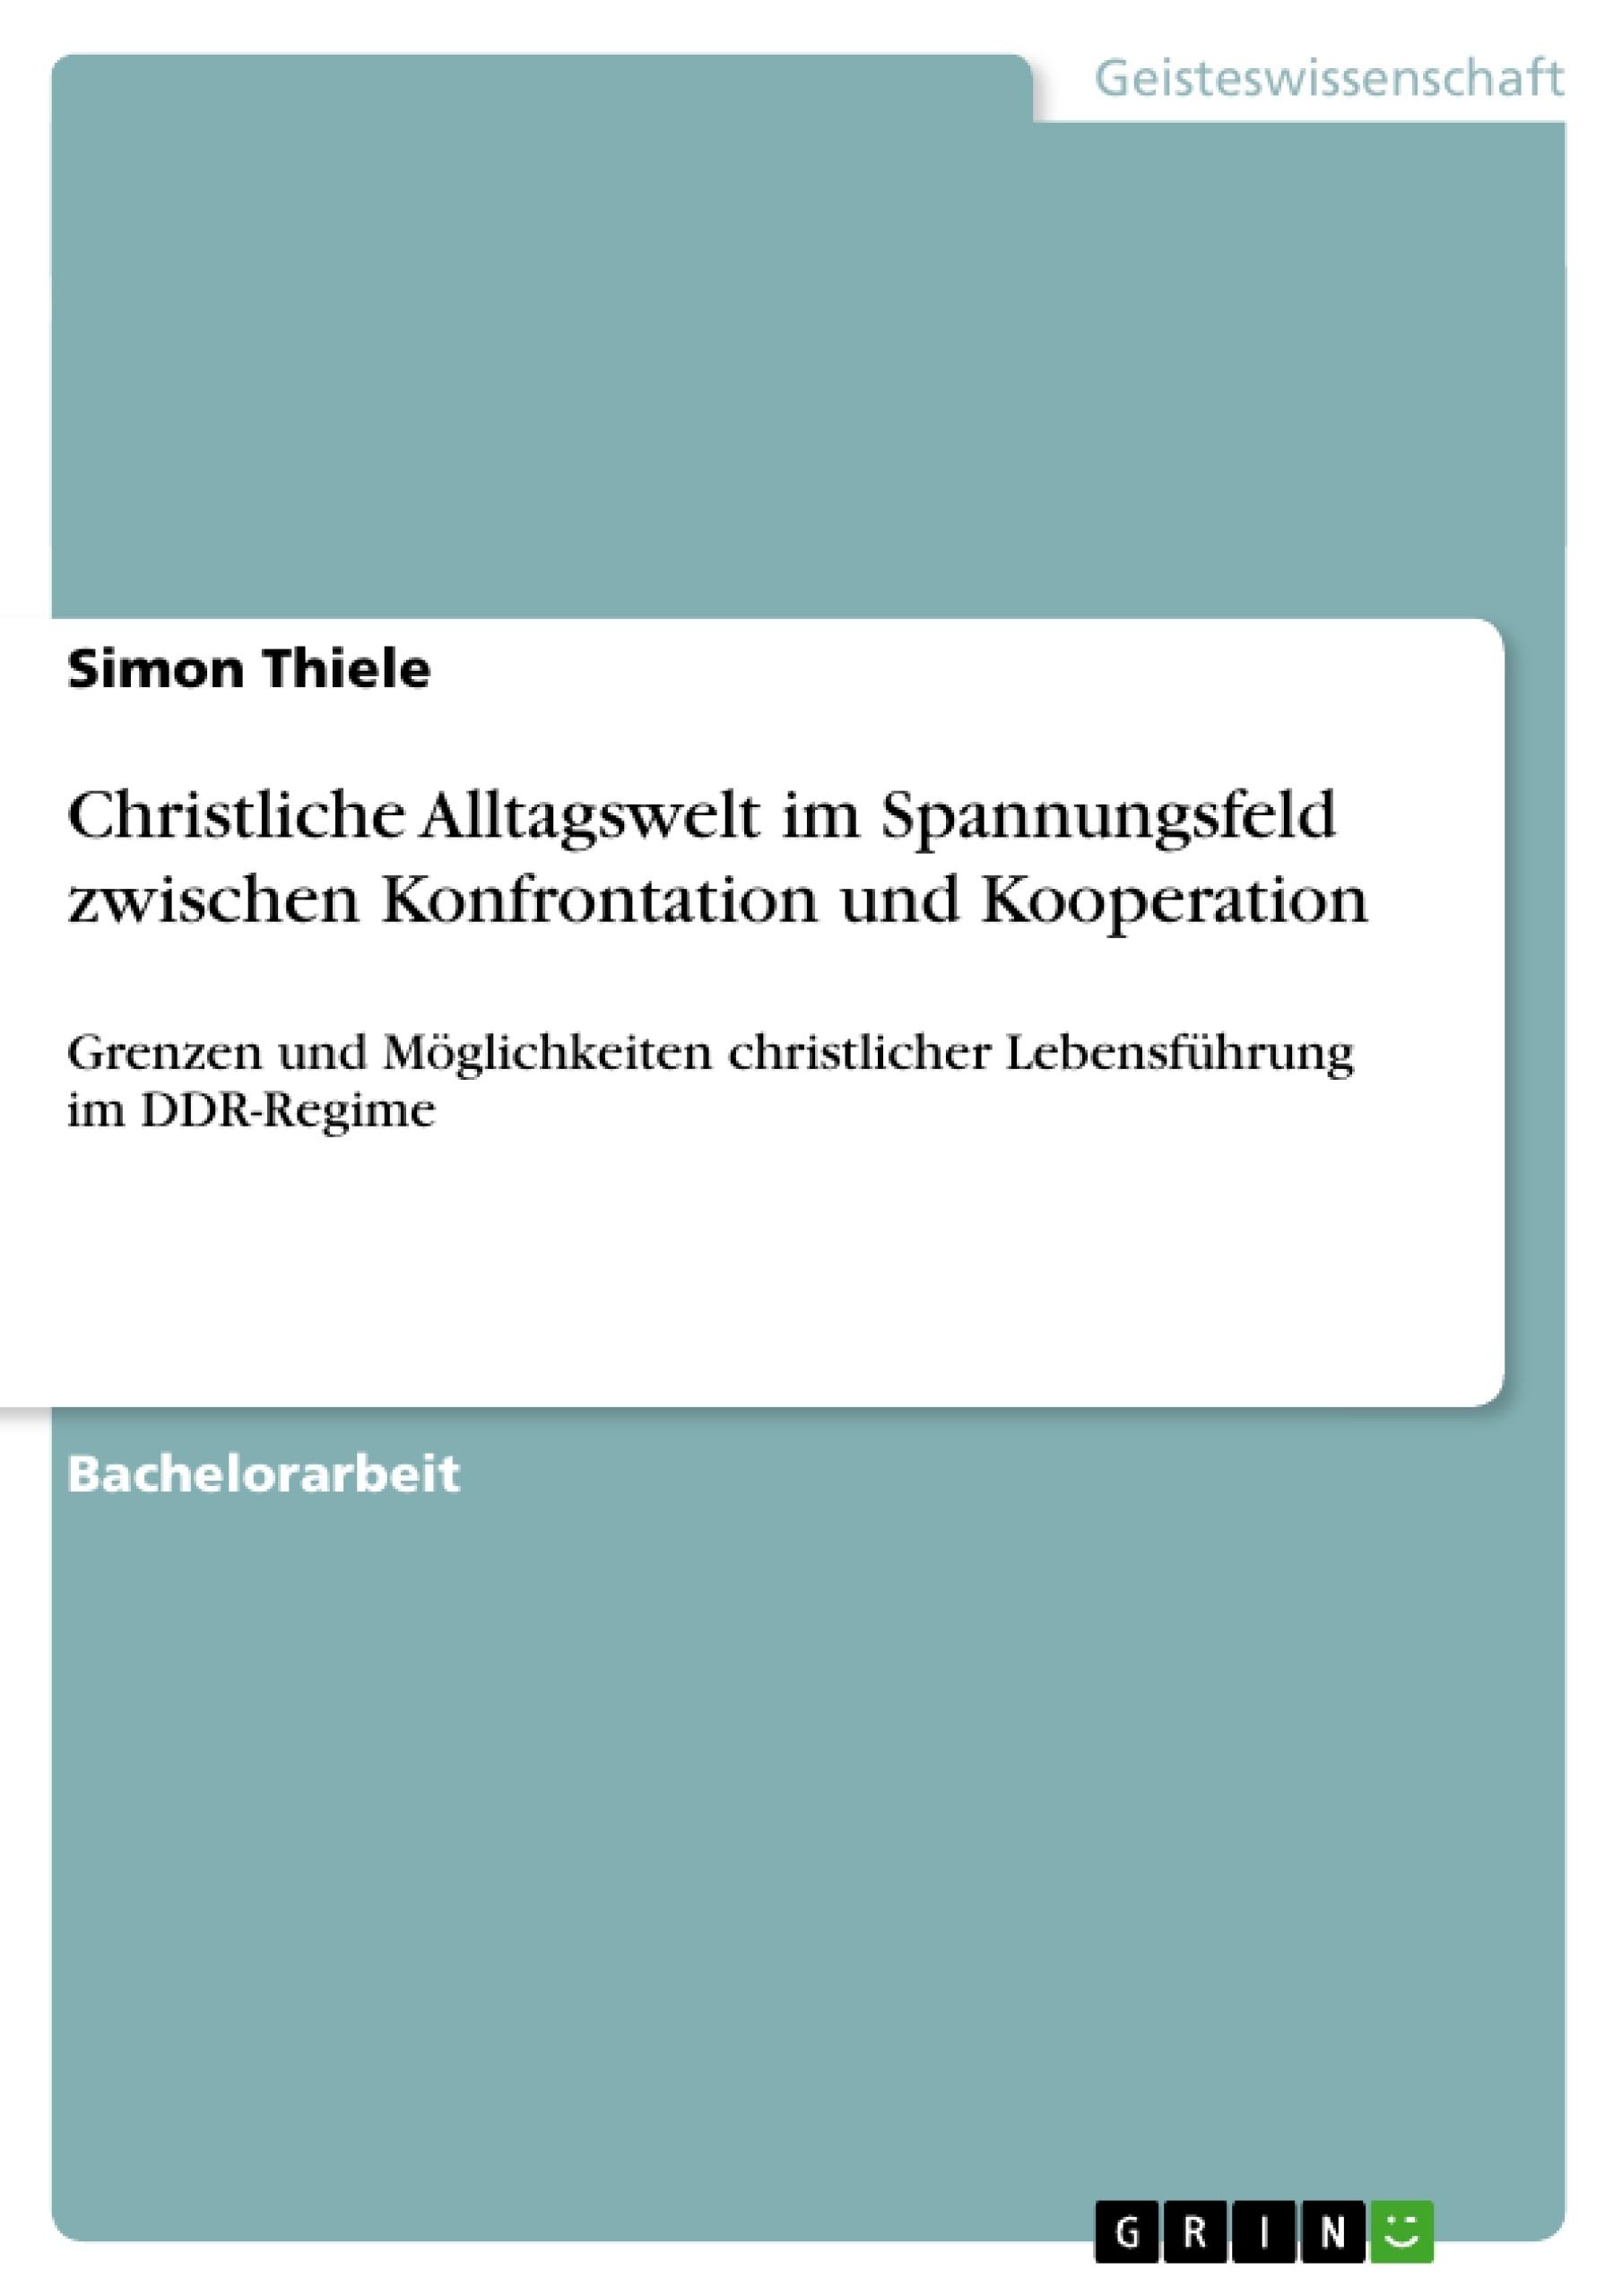 Titel: Christliche Alltagswelt im Spannungsfeld zwischen Konfrontation und Kooperation